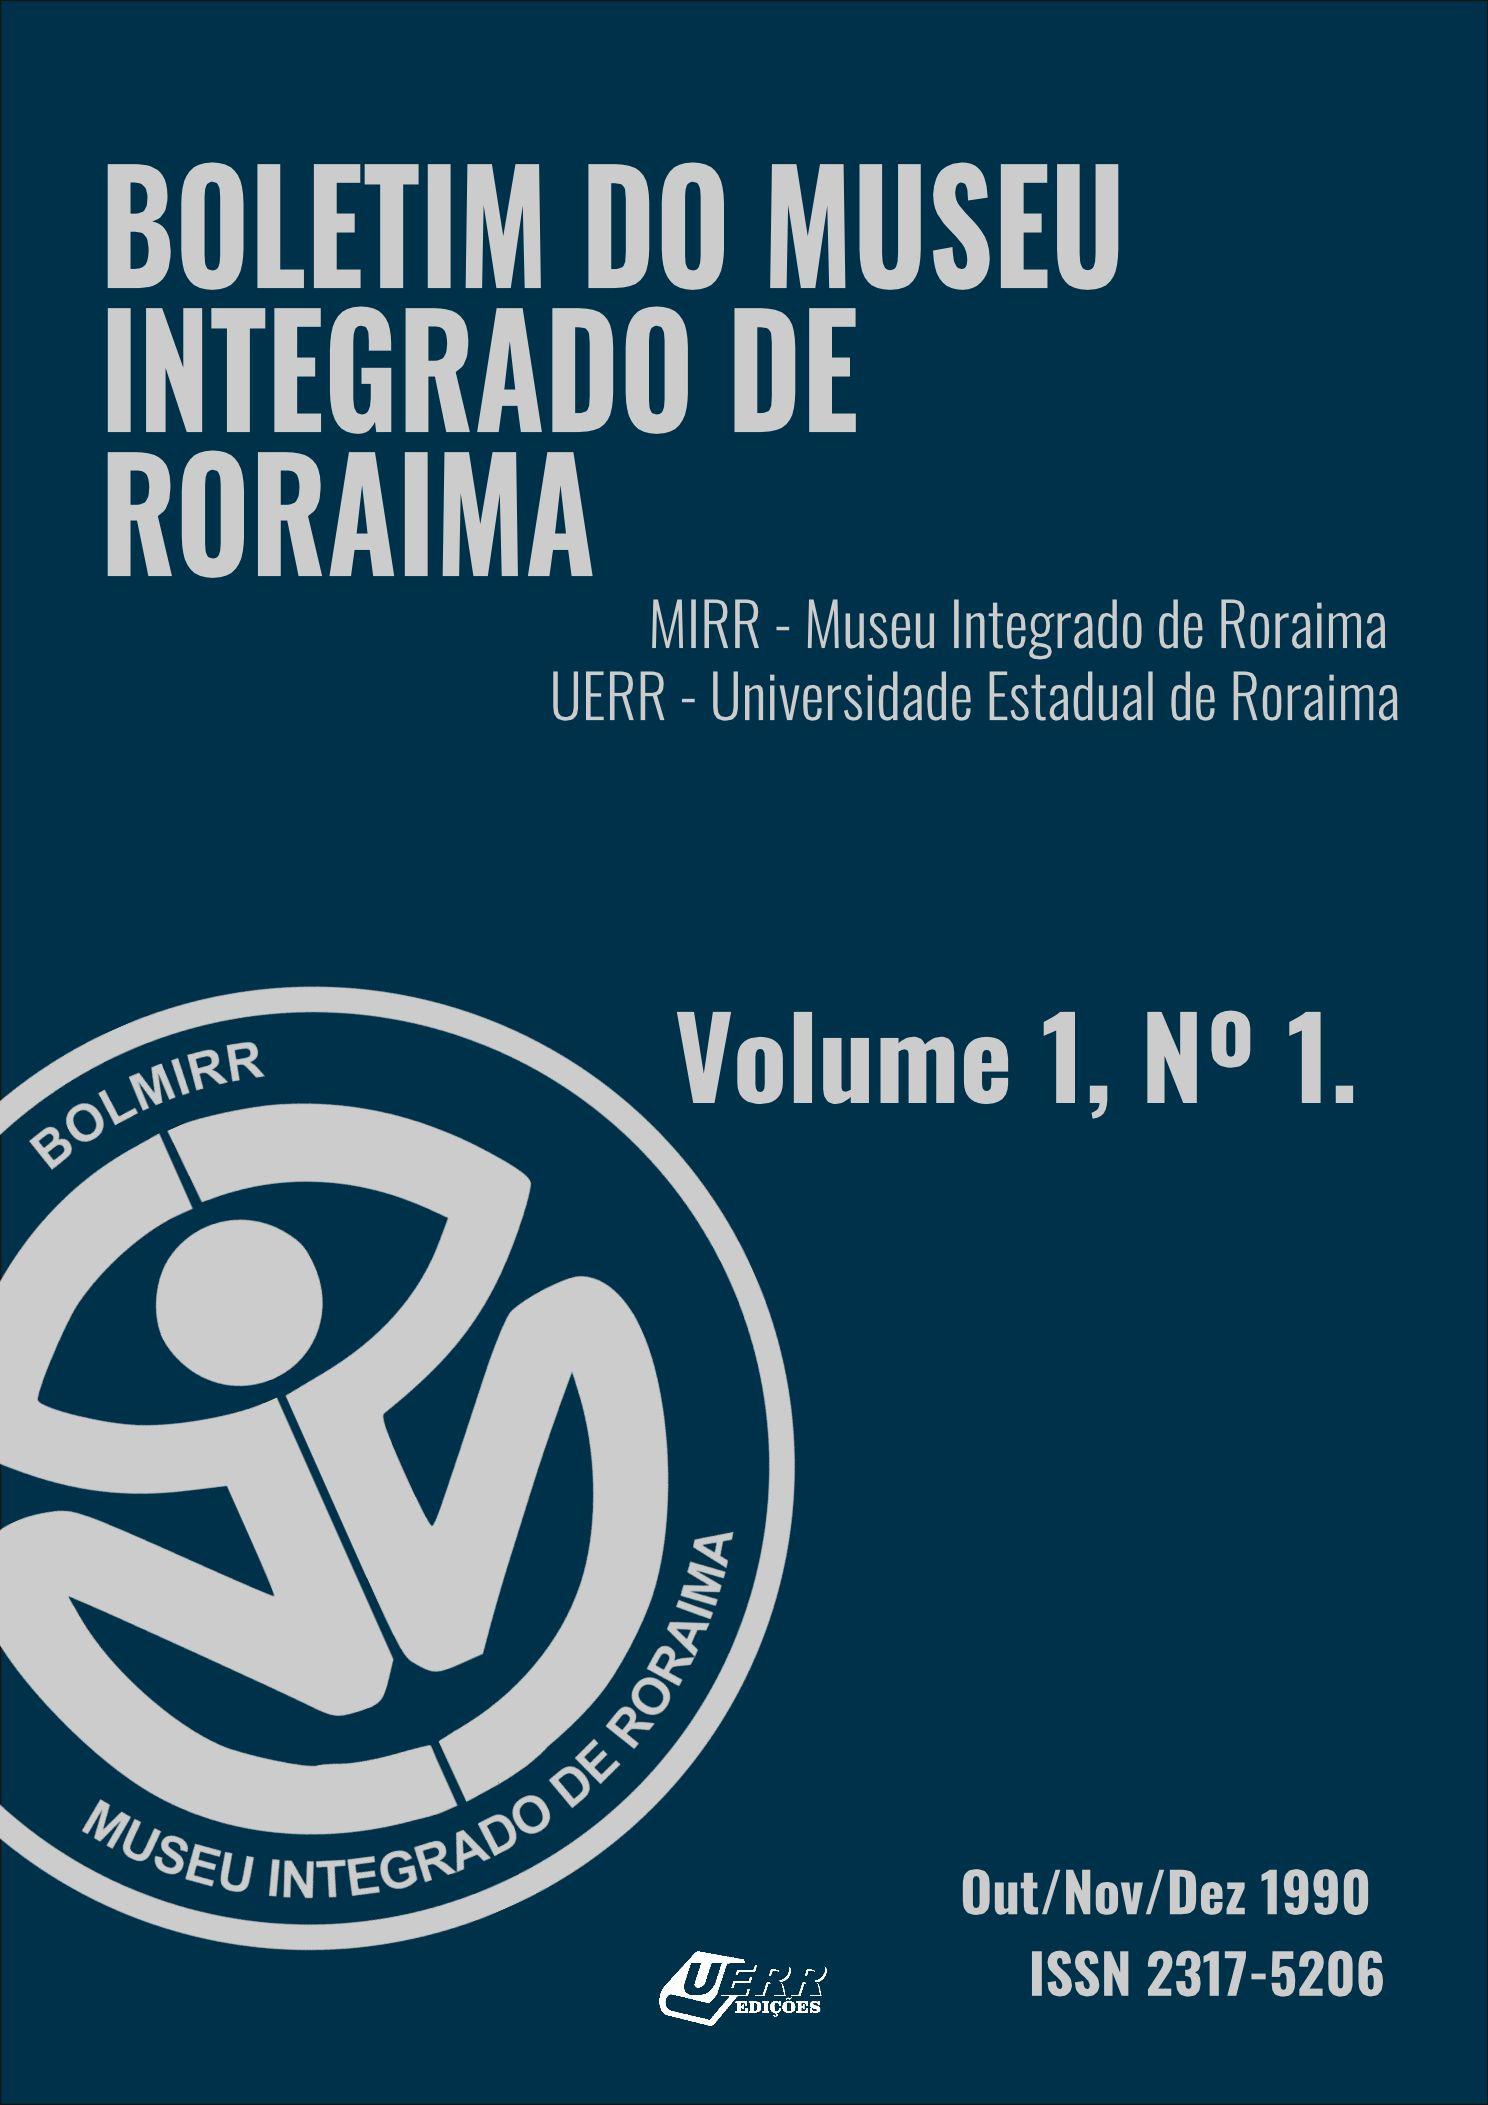 Visualizar v. 1 n. 01 (1990): Boletim do Museu Integrado de Roraima